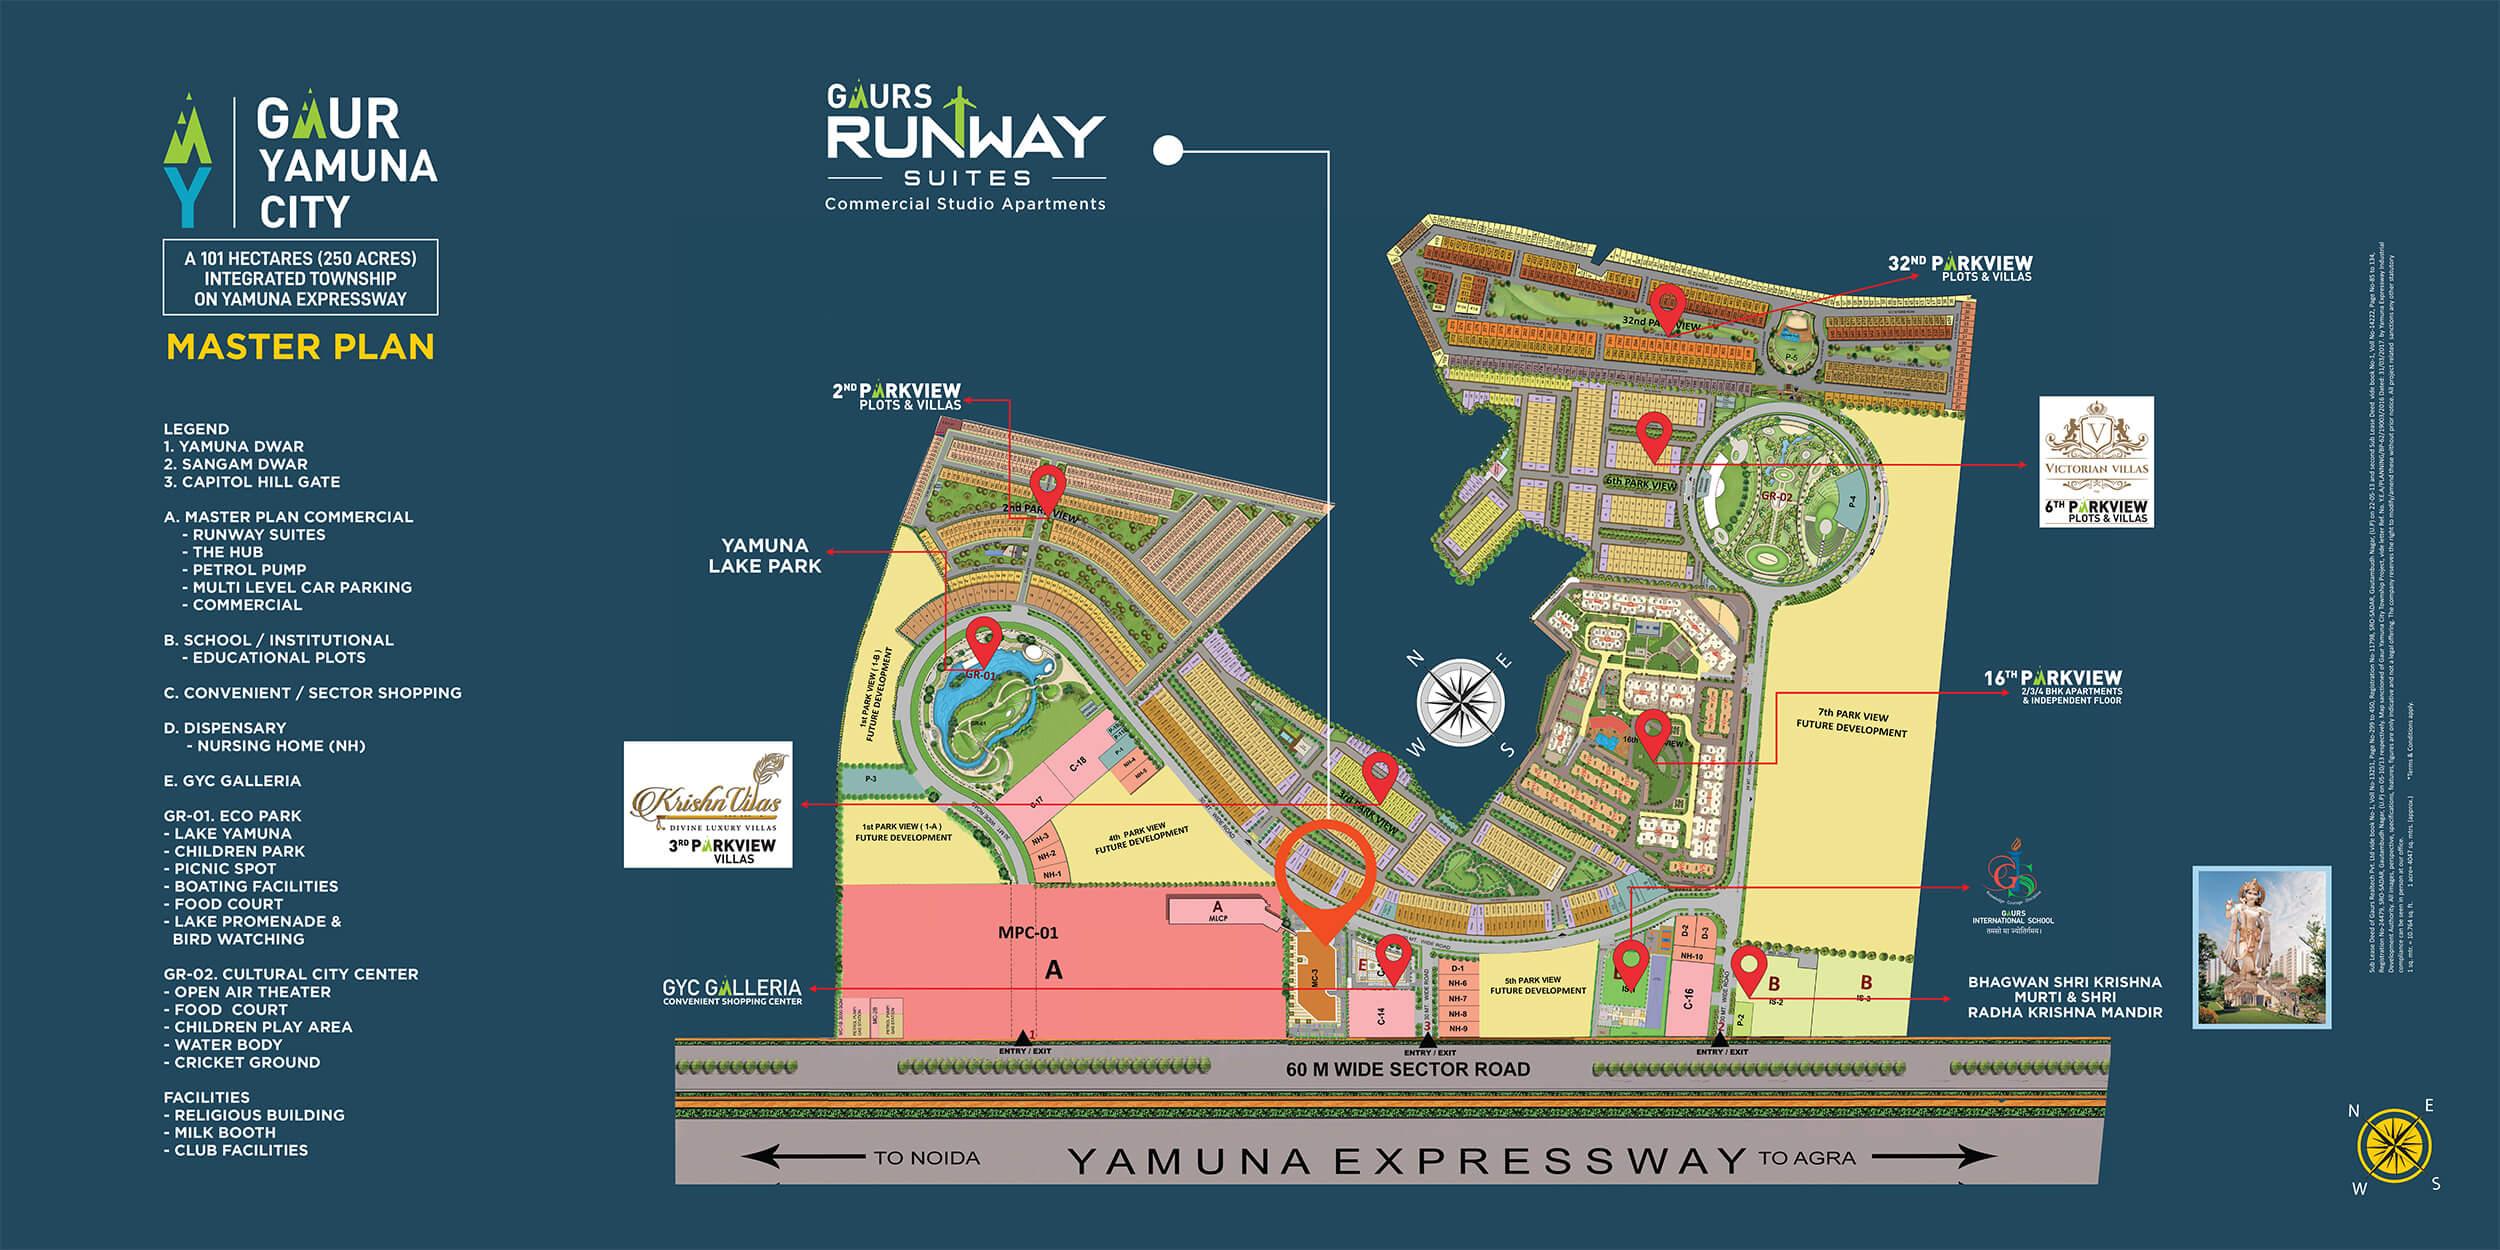 gaur runway suites master plan image1